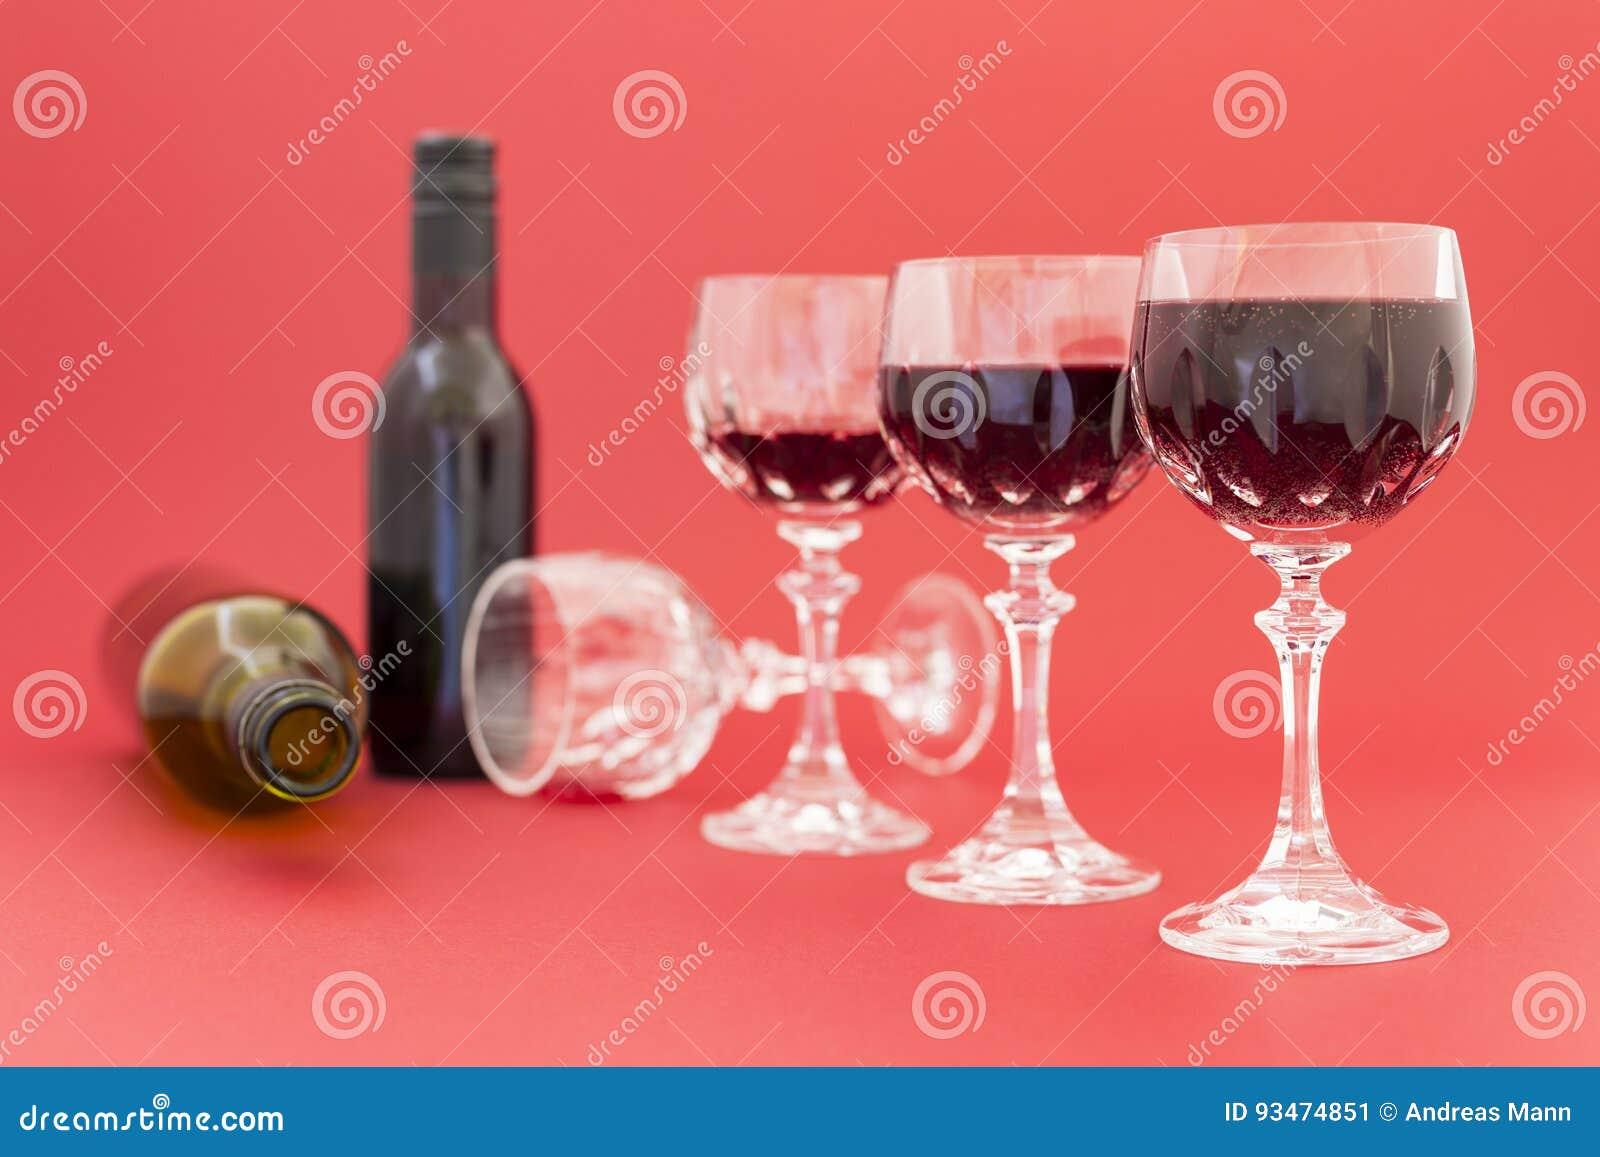 Dostawać pijący od czerwonego wina w eleganckich krystalicznych szkłach